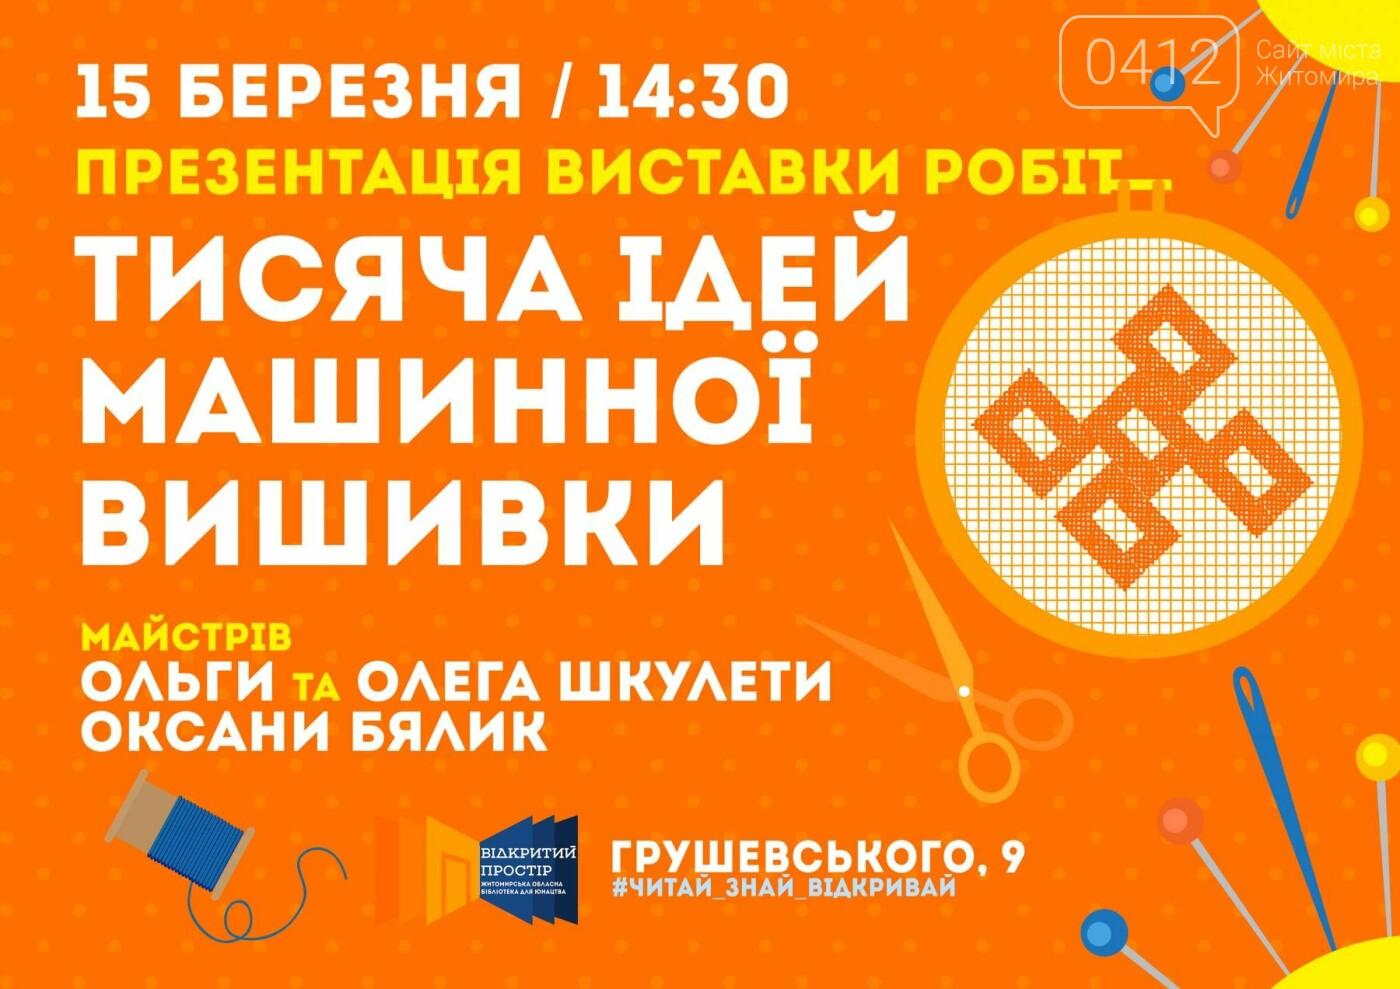 У Житомирі презентують виставку «1000 ідей машинної вишивки» - 0412.ua 3dfb20975cdd9